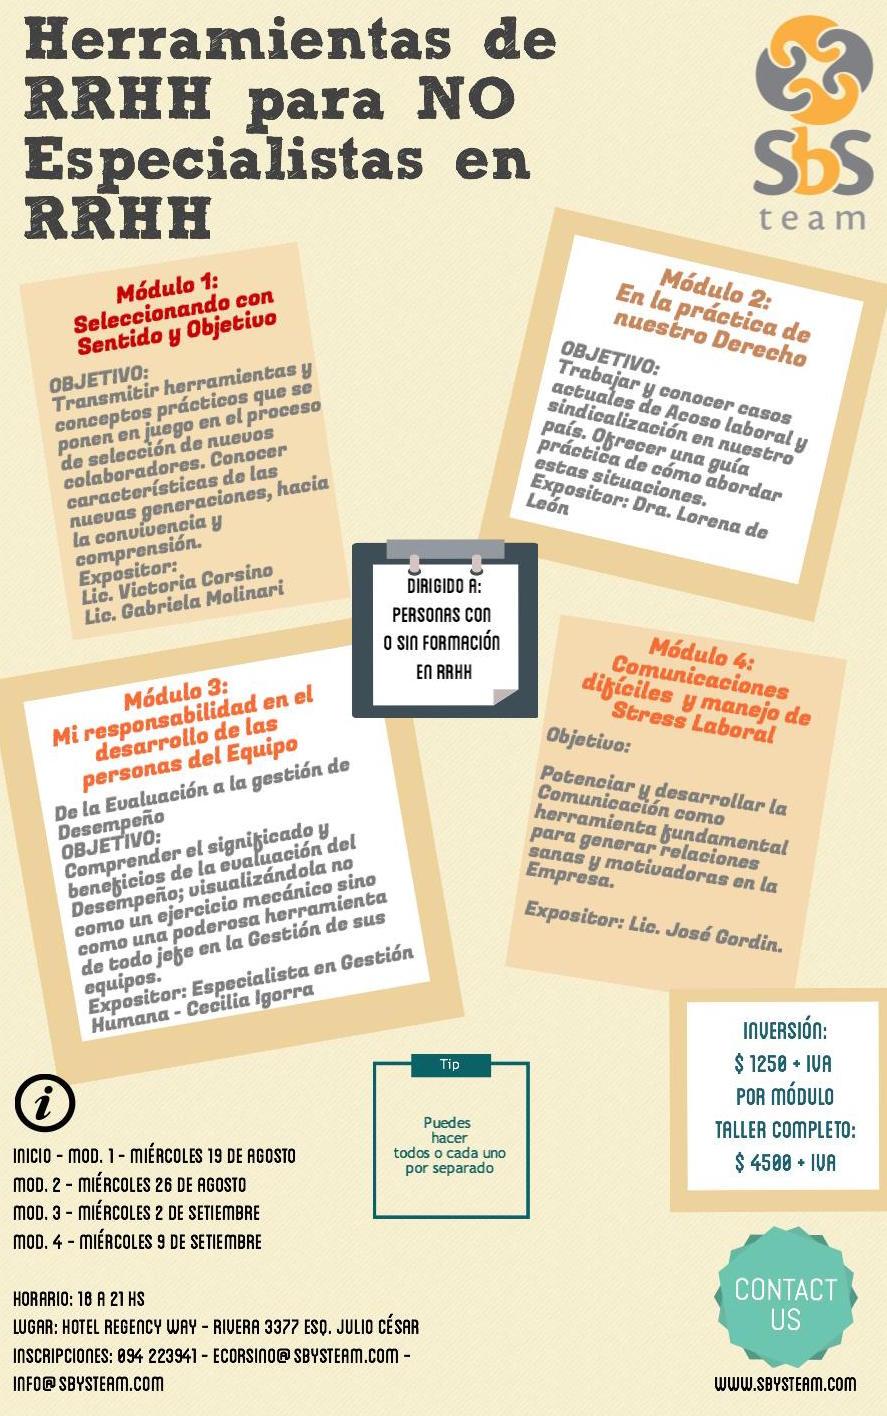 Herramientas de RRHH para NO Especialistas en RRHH